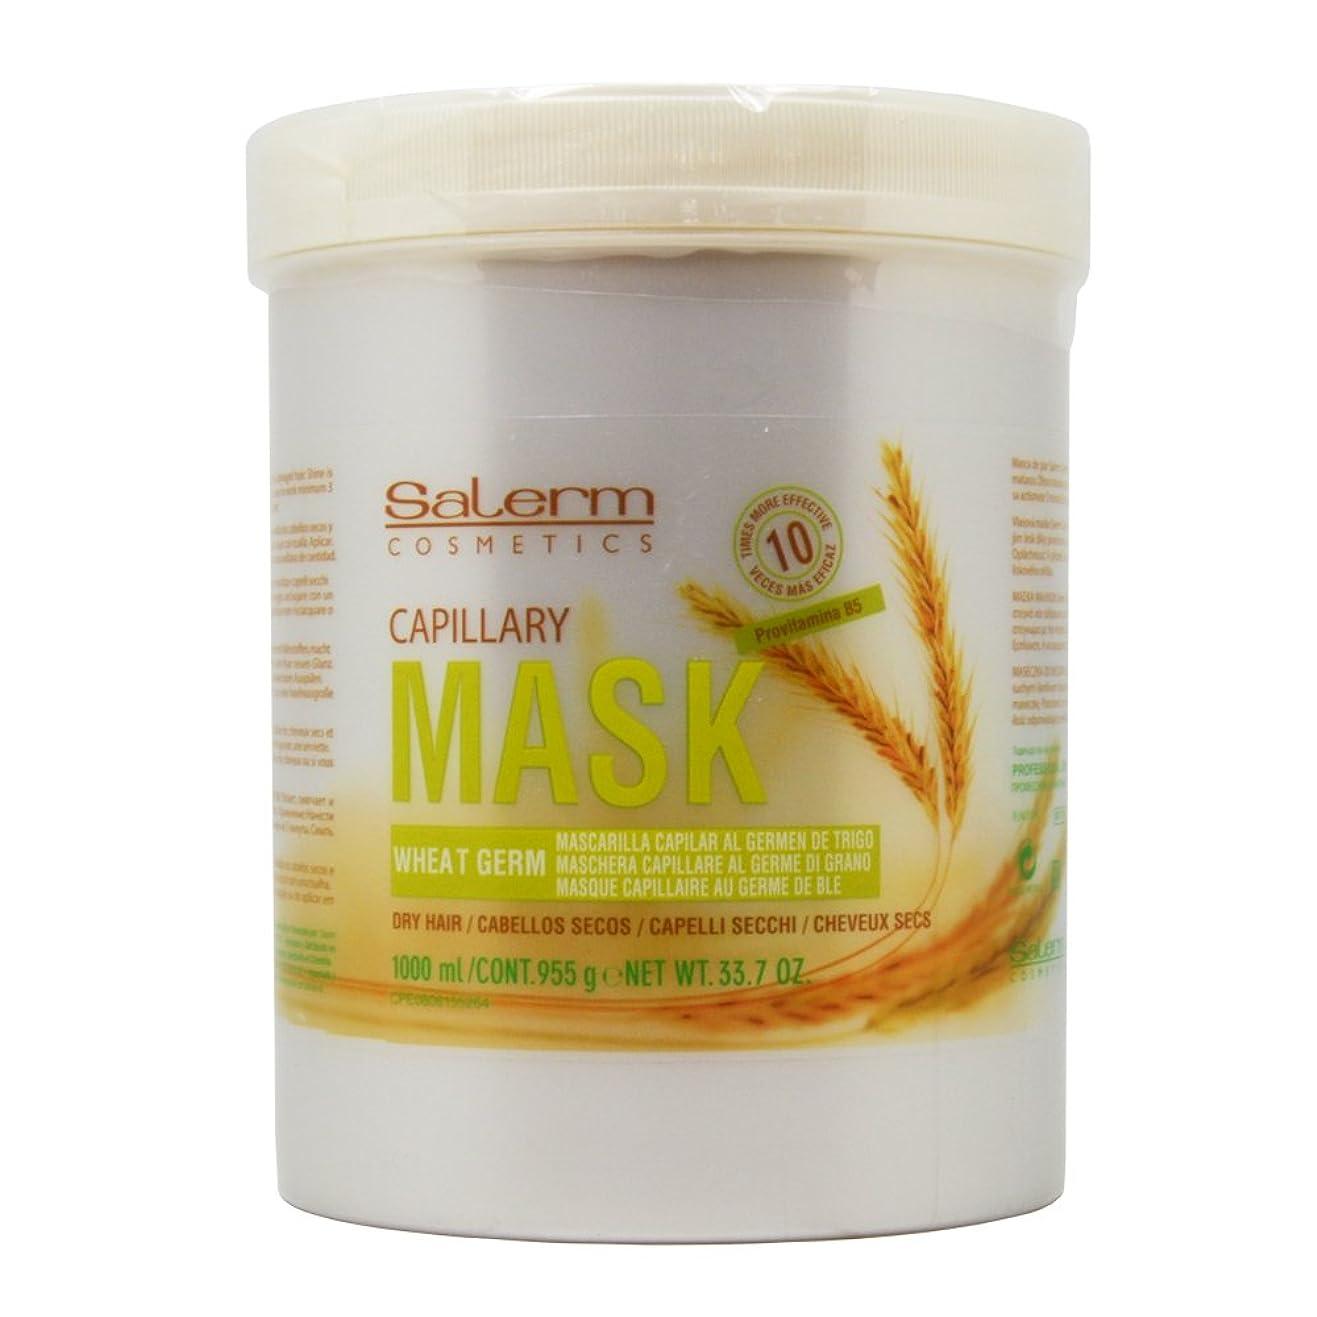 アルバニー適切にベットCapillary Mask by Salerm Salerm化粧品小麦胚芽キャピラリーマスク、ドライ髪のためのプロビタミンB5 33.7オンス/千ミリリットル - largeリットルサイズ